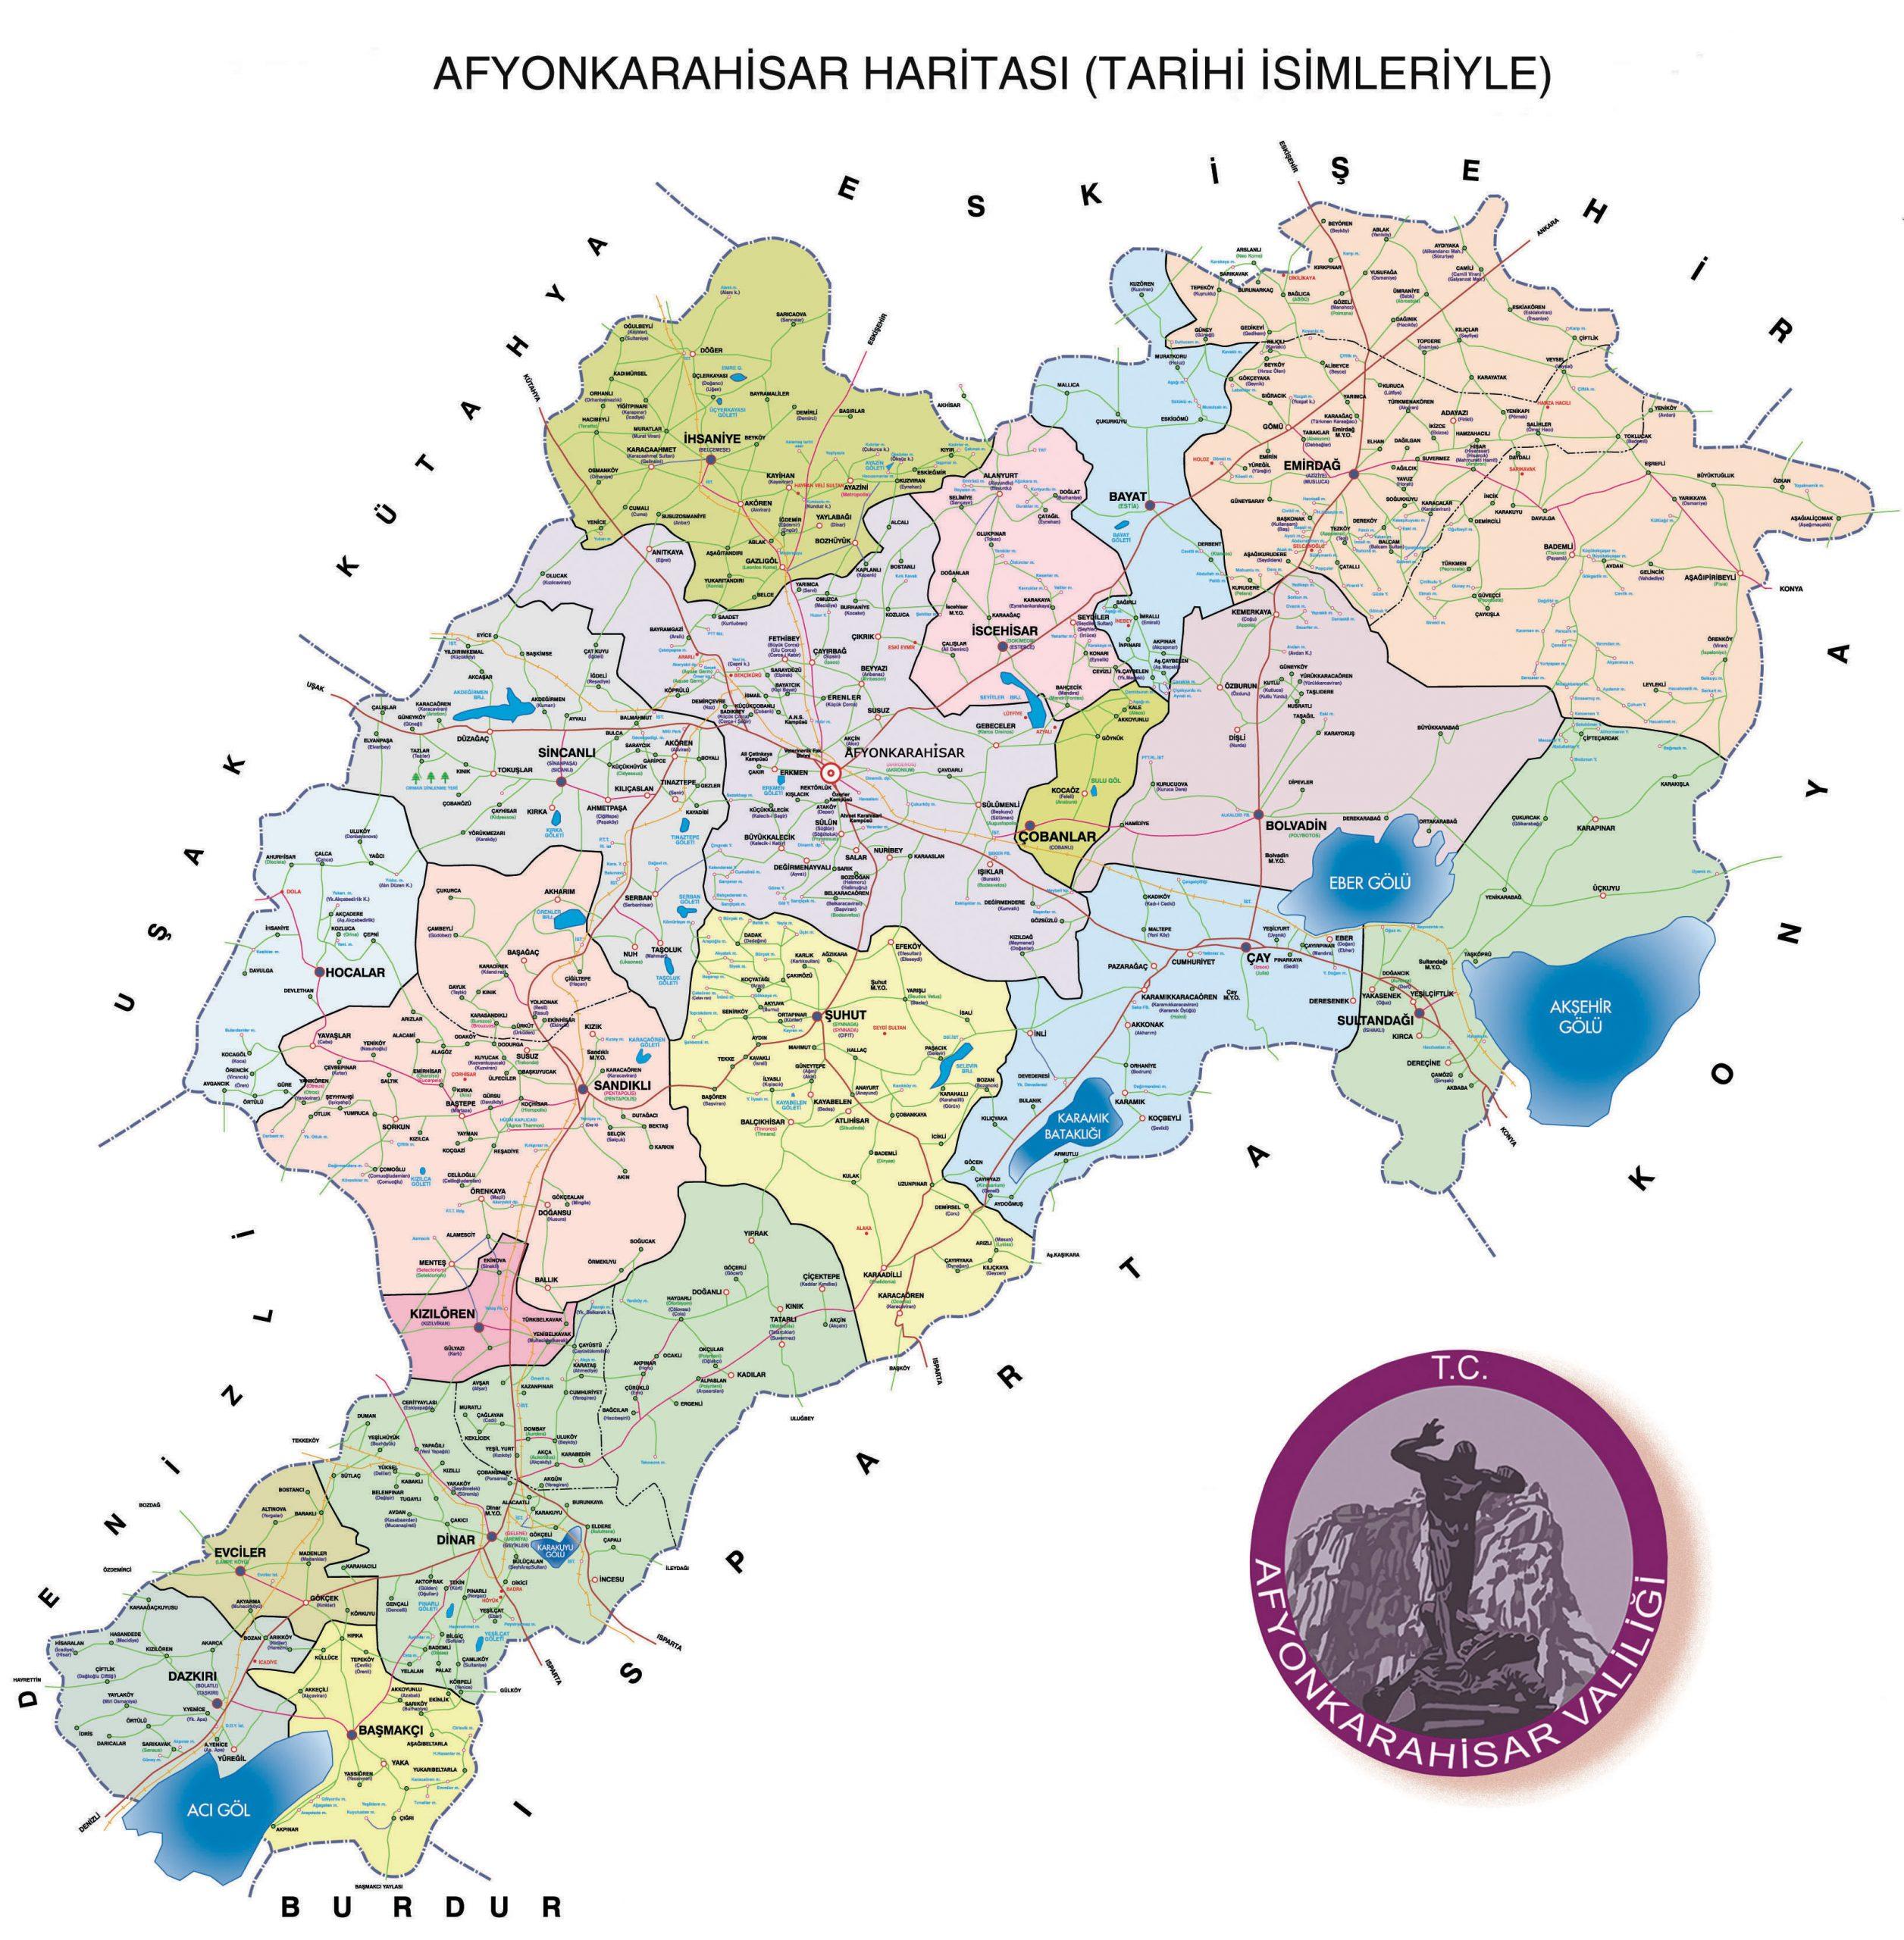 afyon haritasi 1